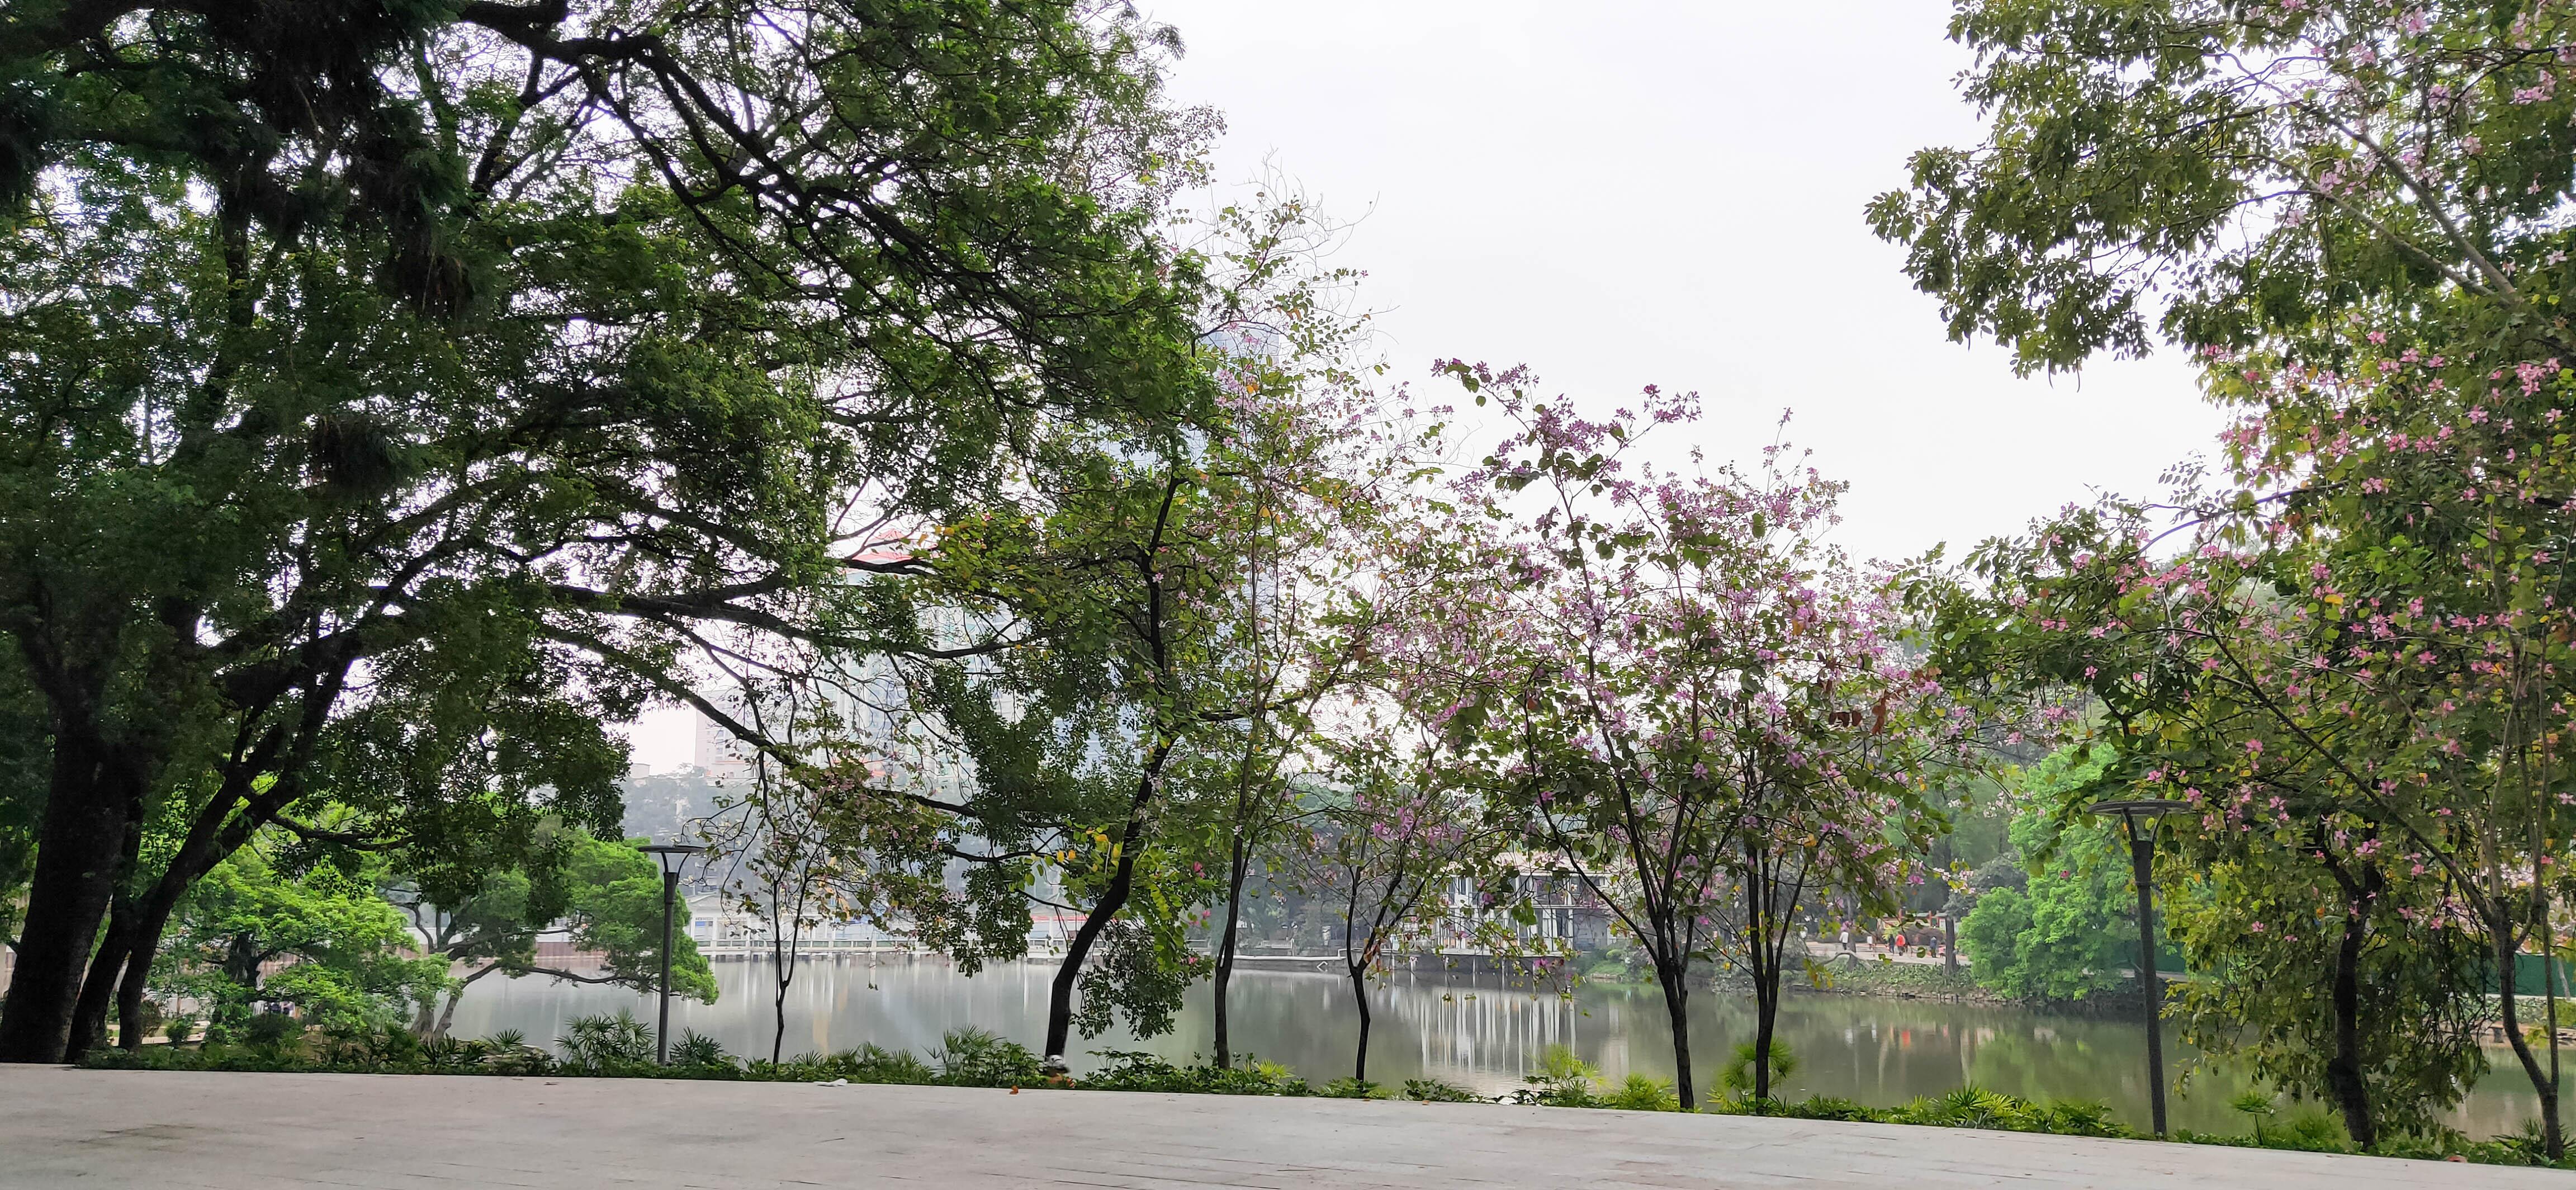 天河公园赏花溜娃,野餐拍照热闹非常